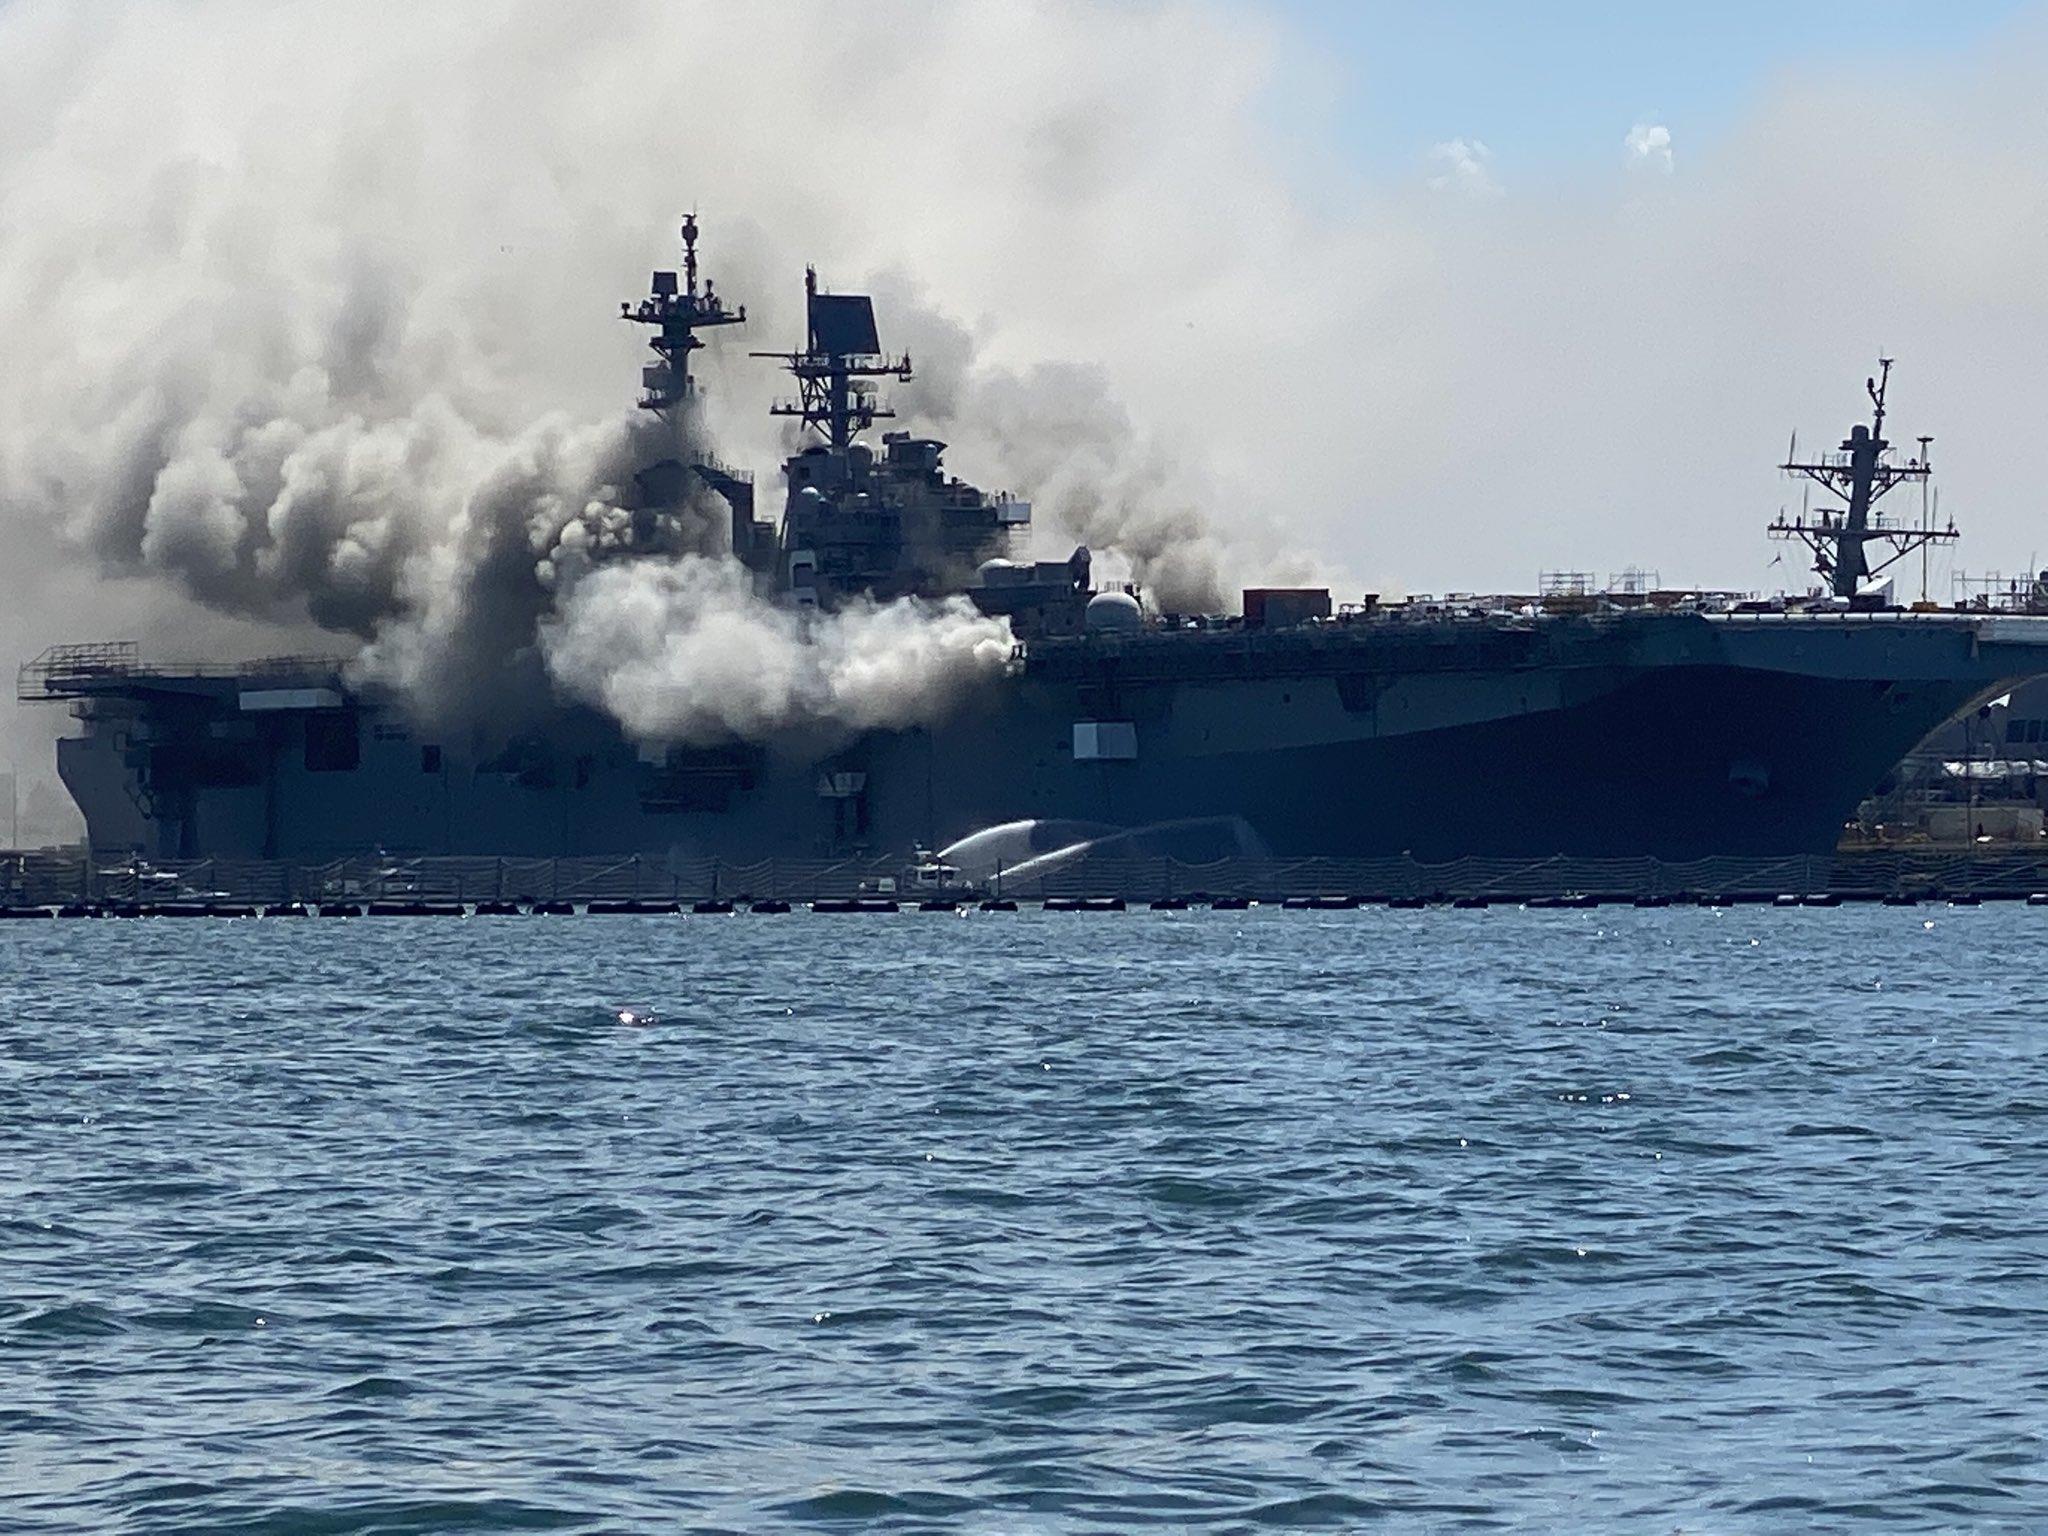 اندلاع حريق بسفينة تابعة للبحرية الأميركية في سان دييغو